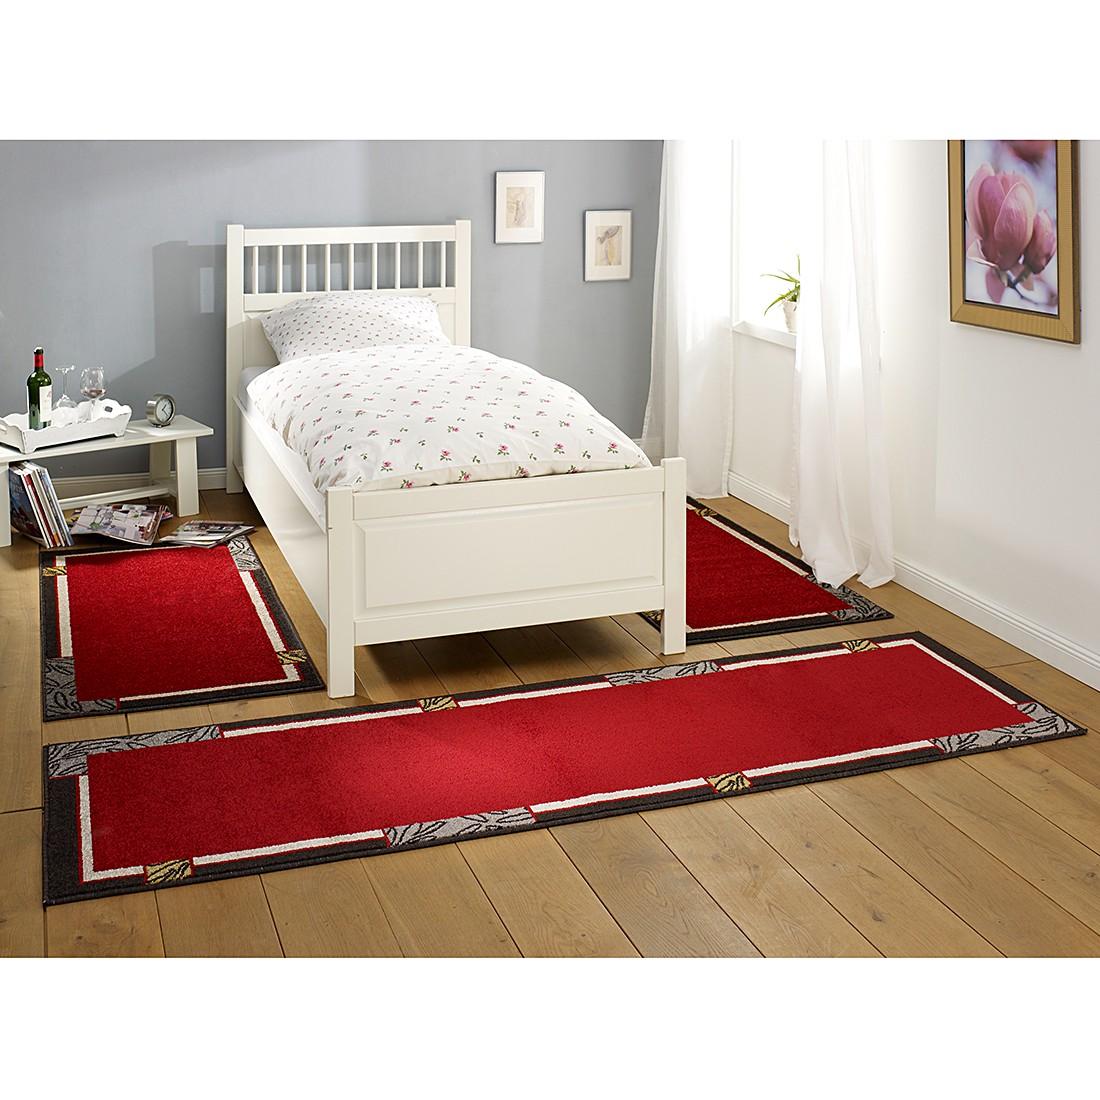 descente de lit lectus i rouge hanse home collection ForHanse Meuble Catalogue